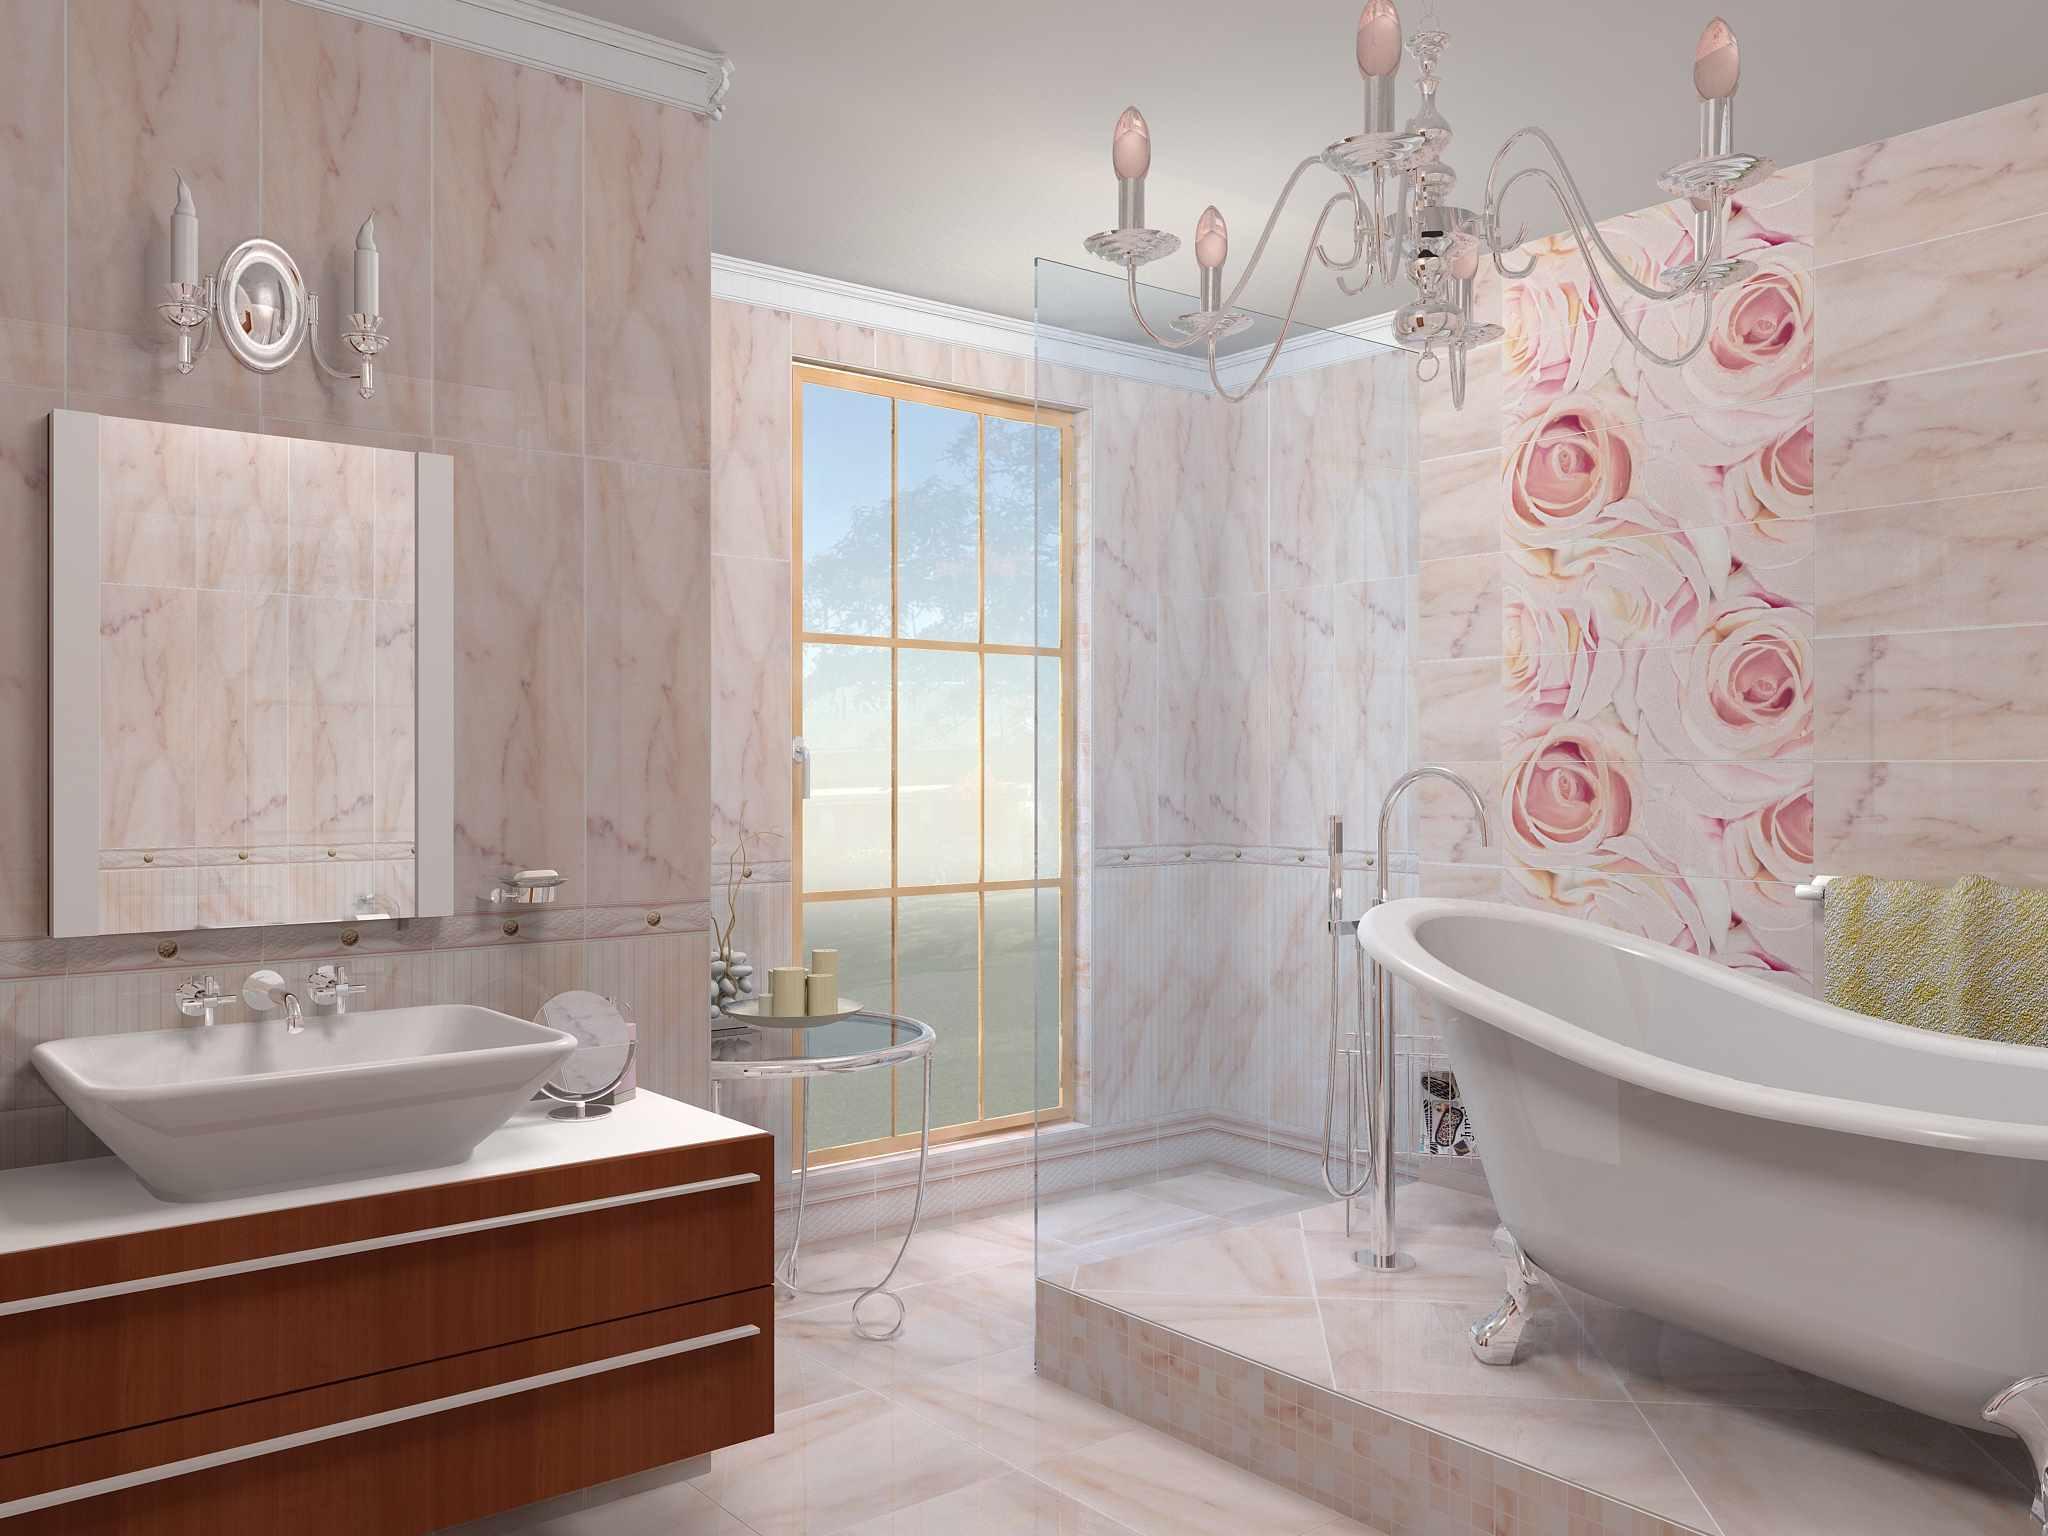 вариант светлого стиля ванной комнаты с облицовкой плиткой